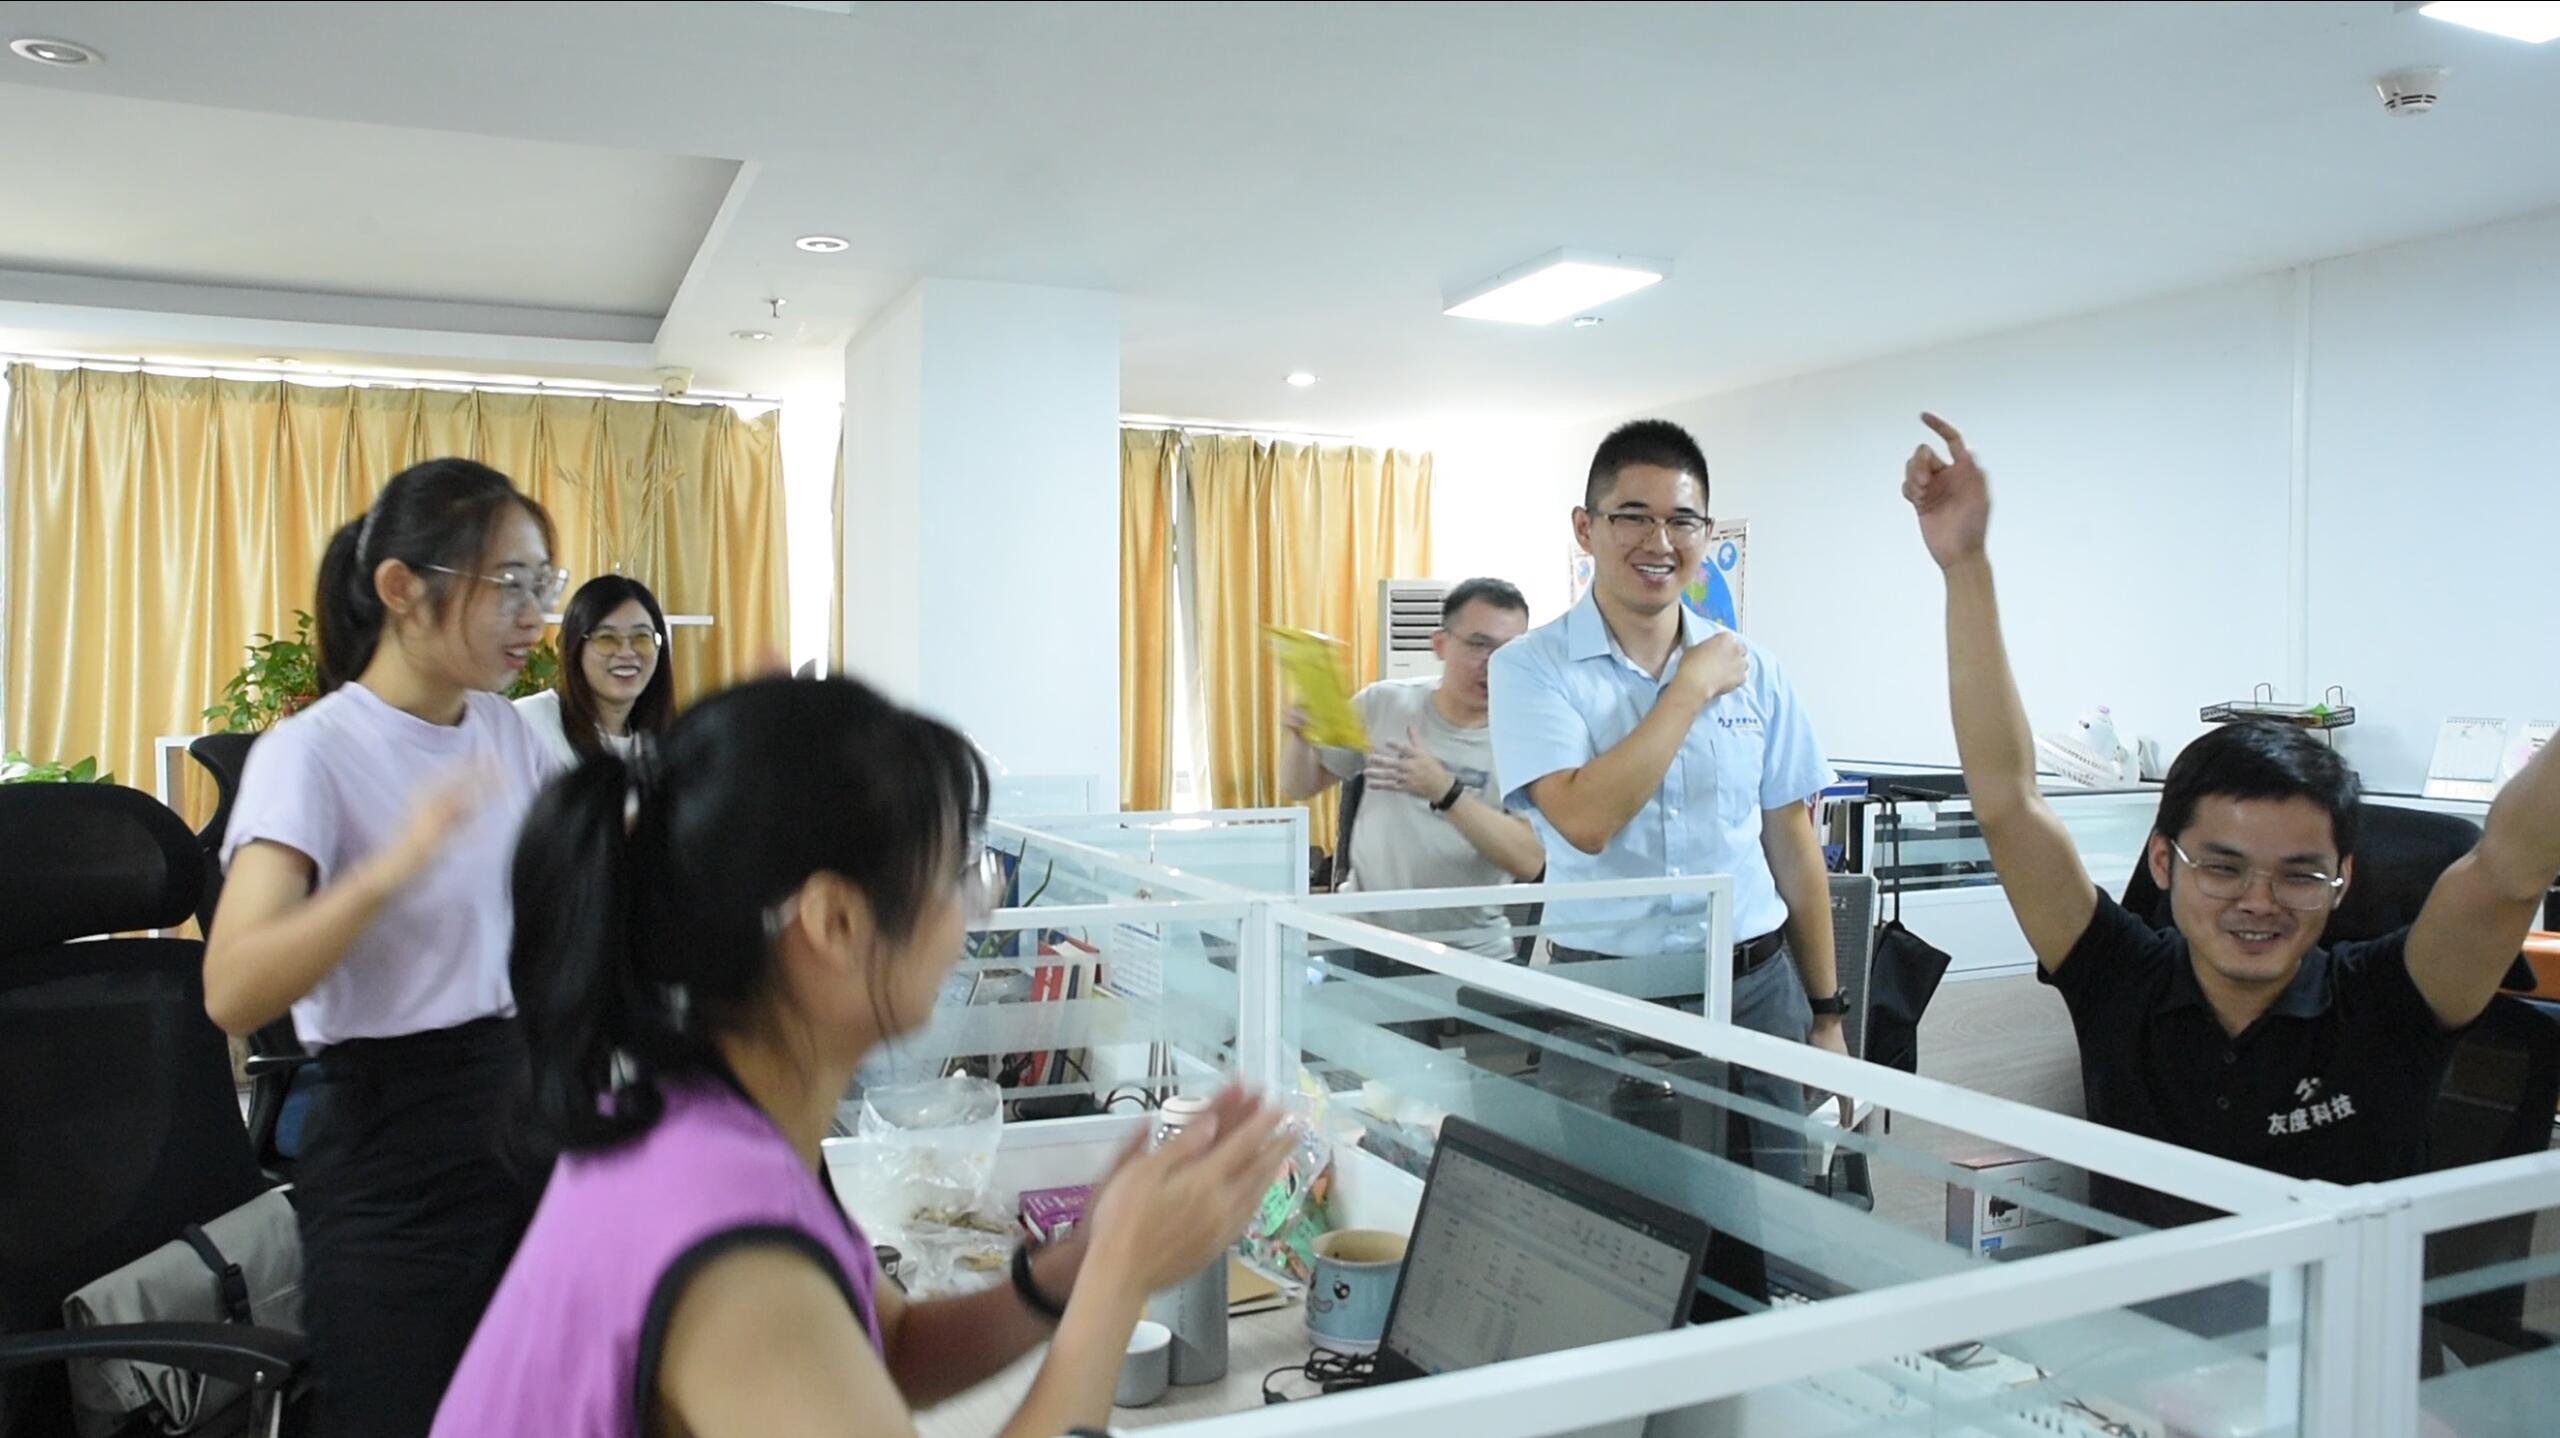 מקצועי הוביל וידאו קיר Multi-Media Player HD-A6 מפעל Huidu טכנולוגיה